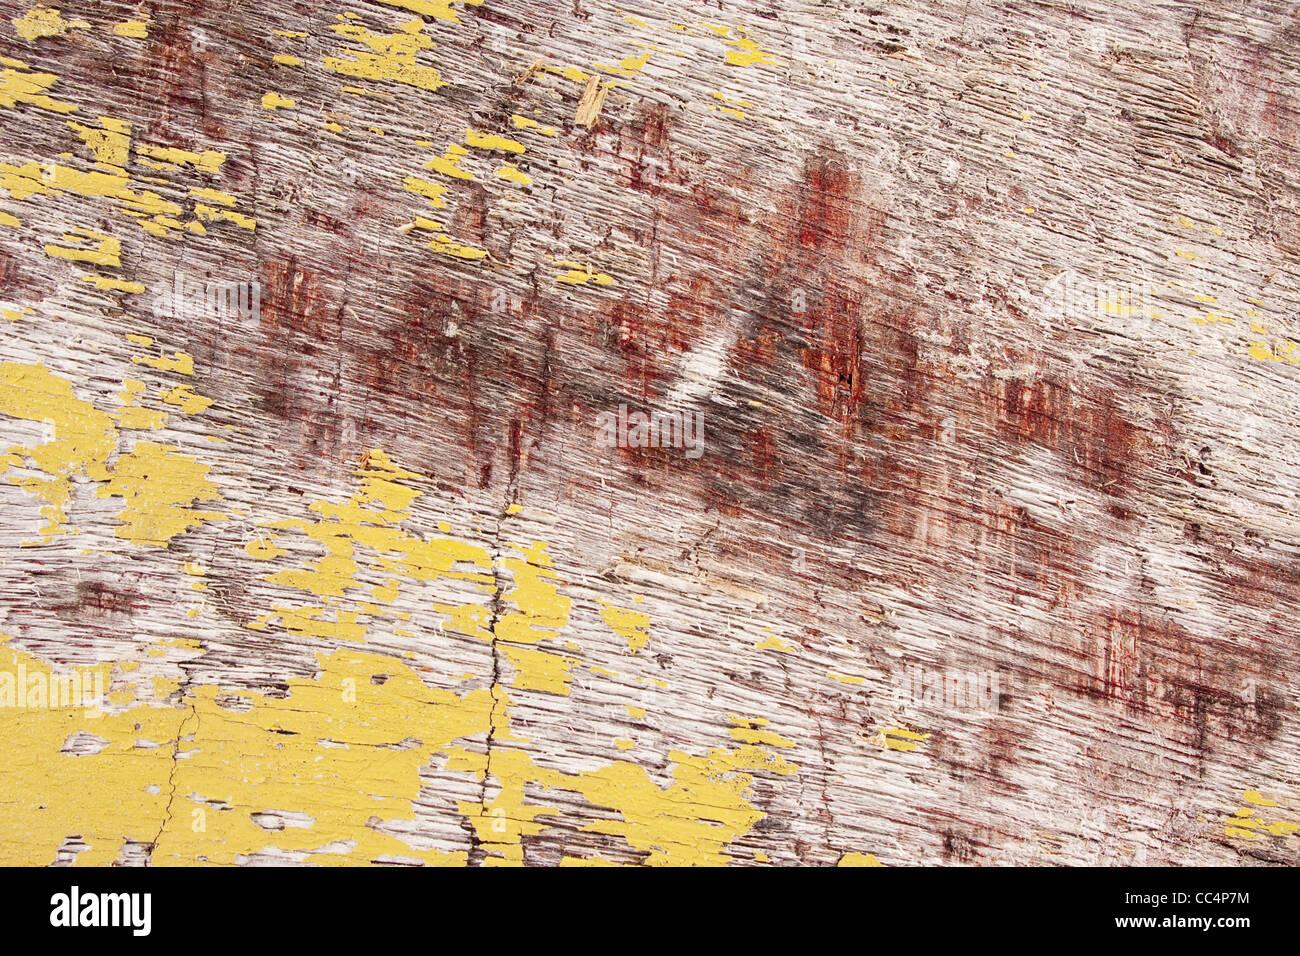 Auf Holz Malen Stockfotos Auf Holz Malen Bilder Alamy